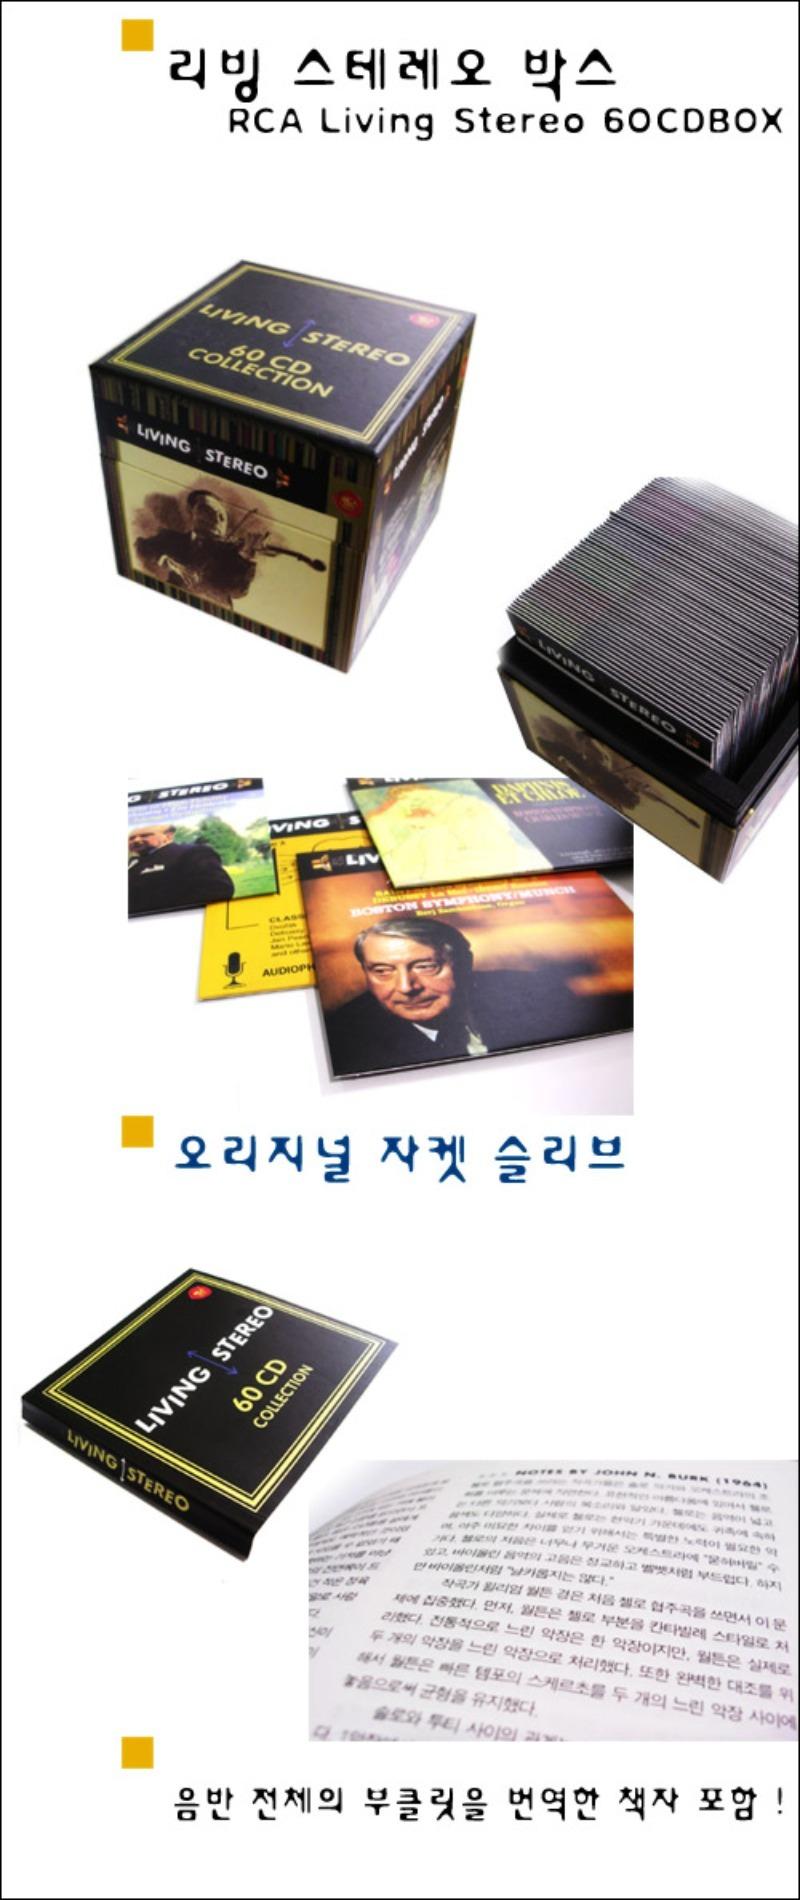 리빙 스테레오 박스세트 (60 CD) RCA-설명.jpg